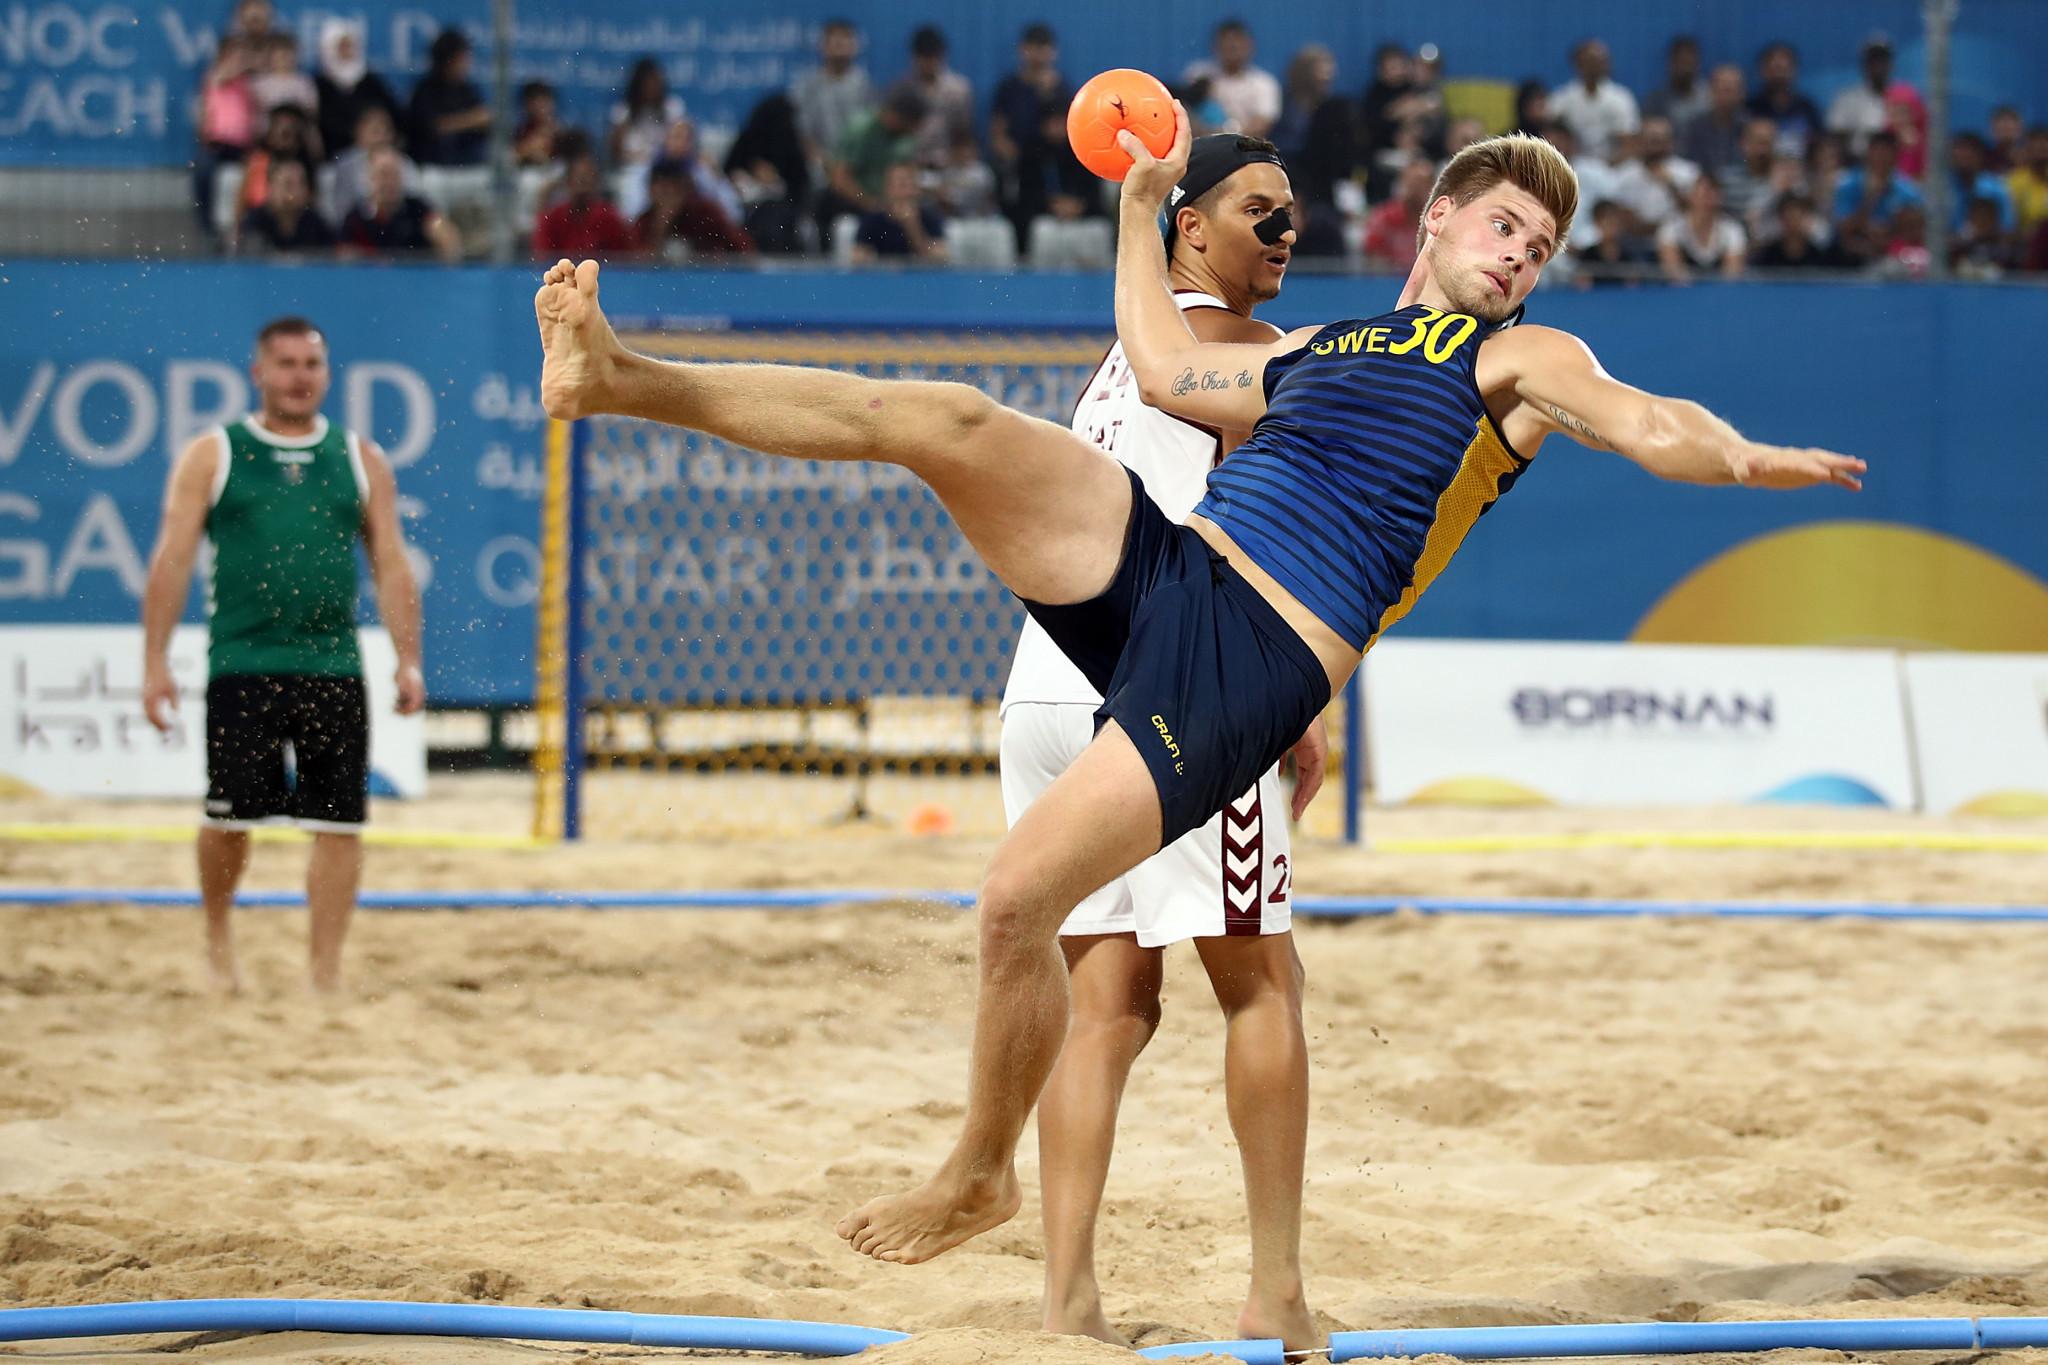 Les premiers Jeux mondiaux des plages de l'ACNO se sont terminés ici mercredi © Getty Images  Lindberg espère que le début de l'année 2020 sera annoncé lors du deuxième hôte des Jeux mondiaux sur la plage de l'ACNO UeoYQV7XVFE2VO8y